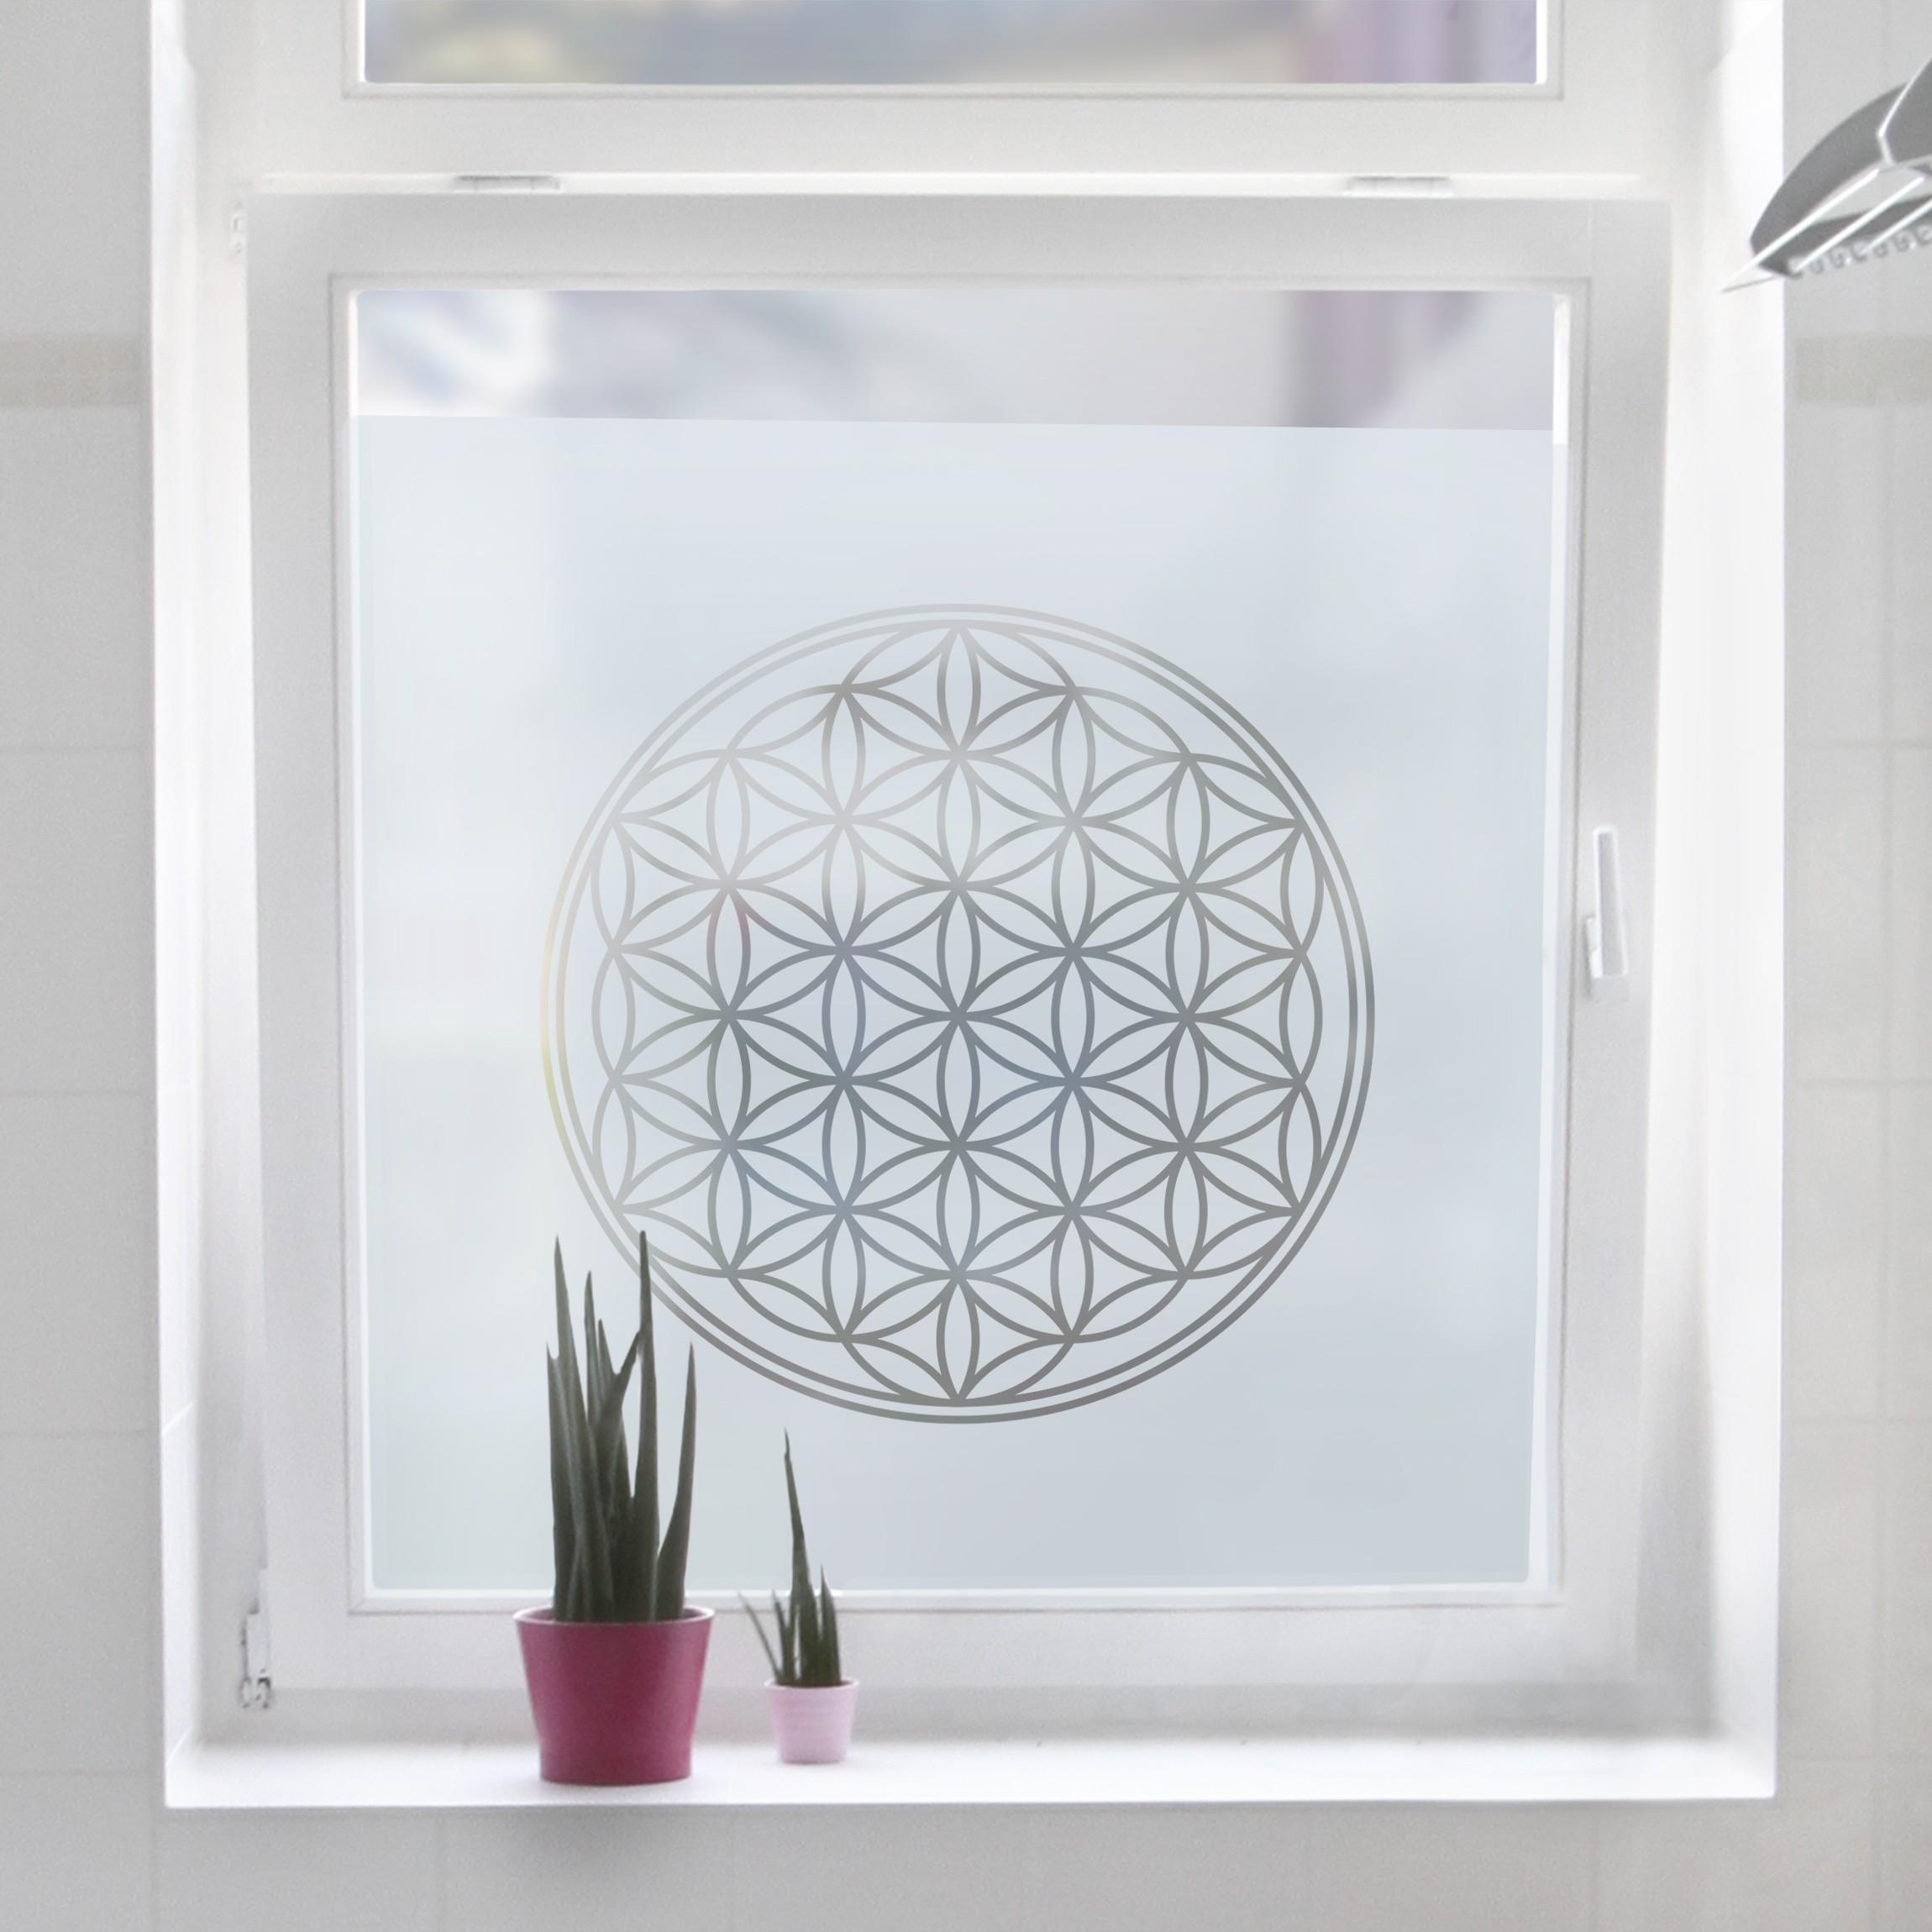 Full Size of Klebefolie Fr Fenster Blickdicht Fensterfolien Und Andere Wohnzimmer Fensterfolie Blickdicht